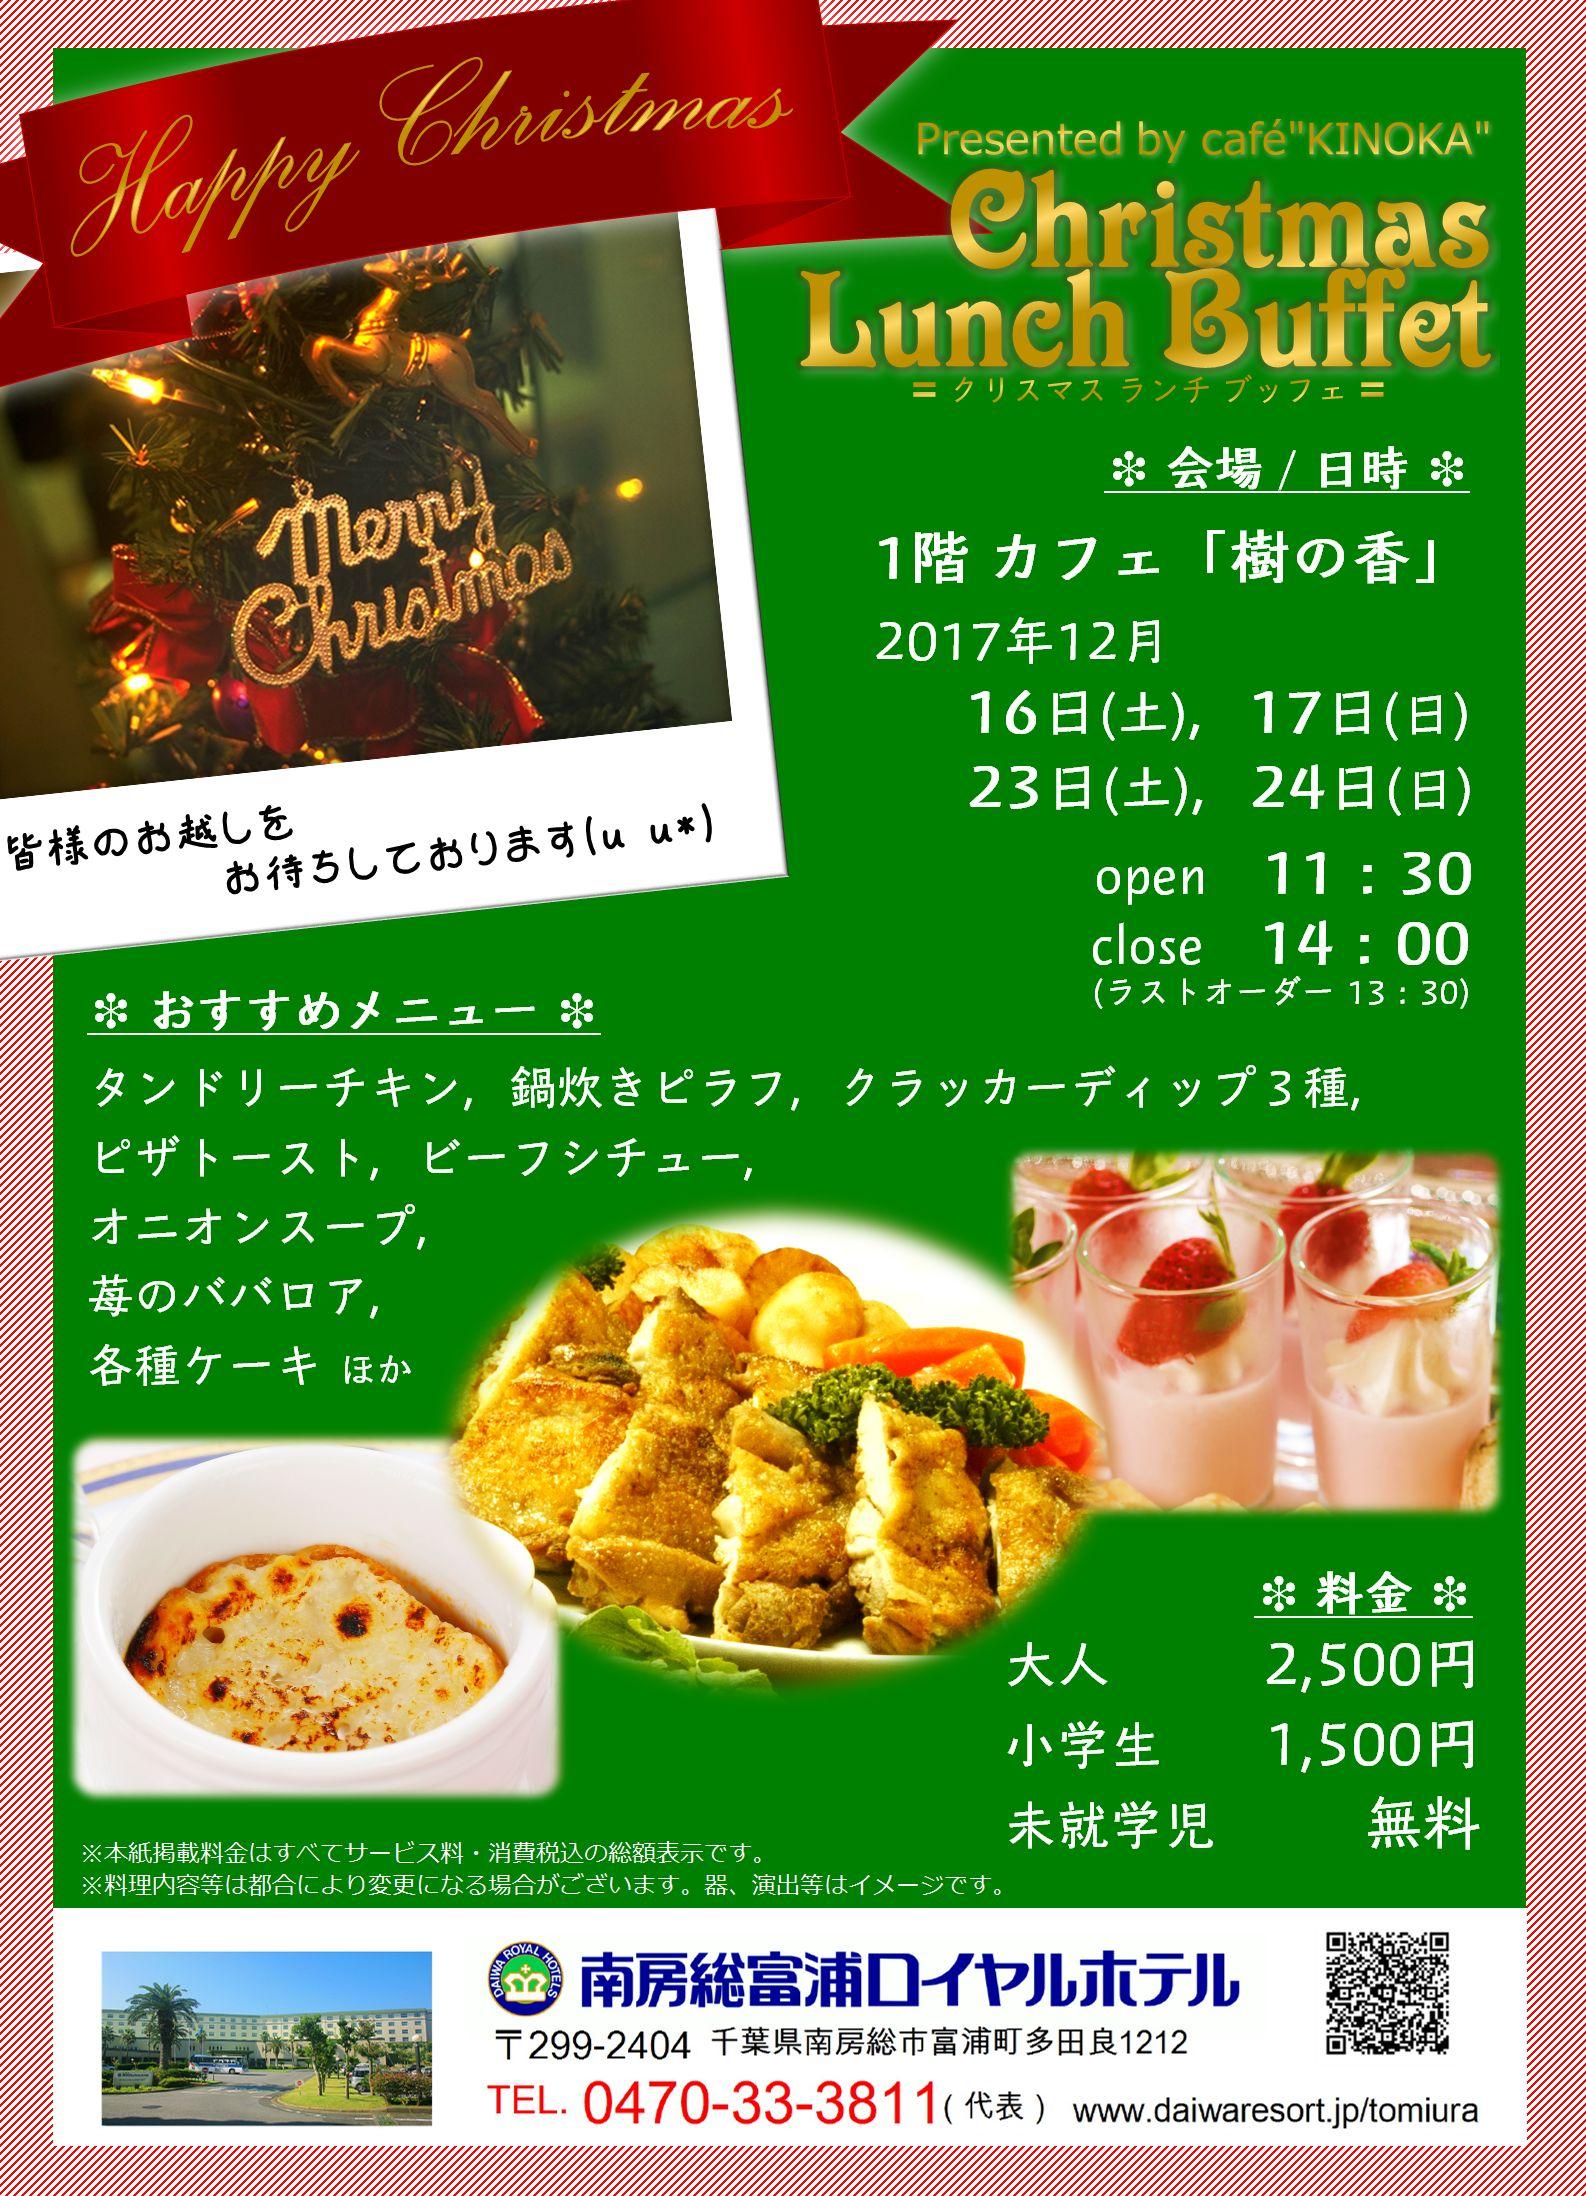 南房総富浦ロイヤルホテル クリスマスランチブッフェ2017